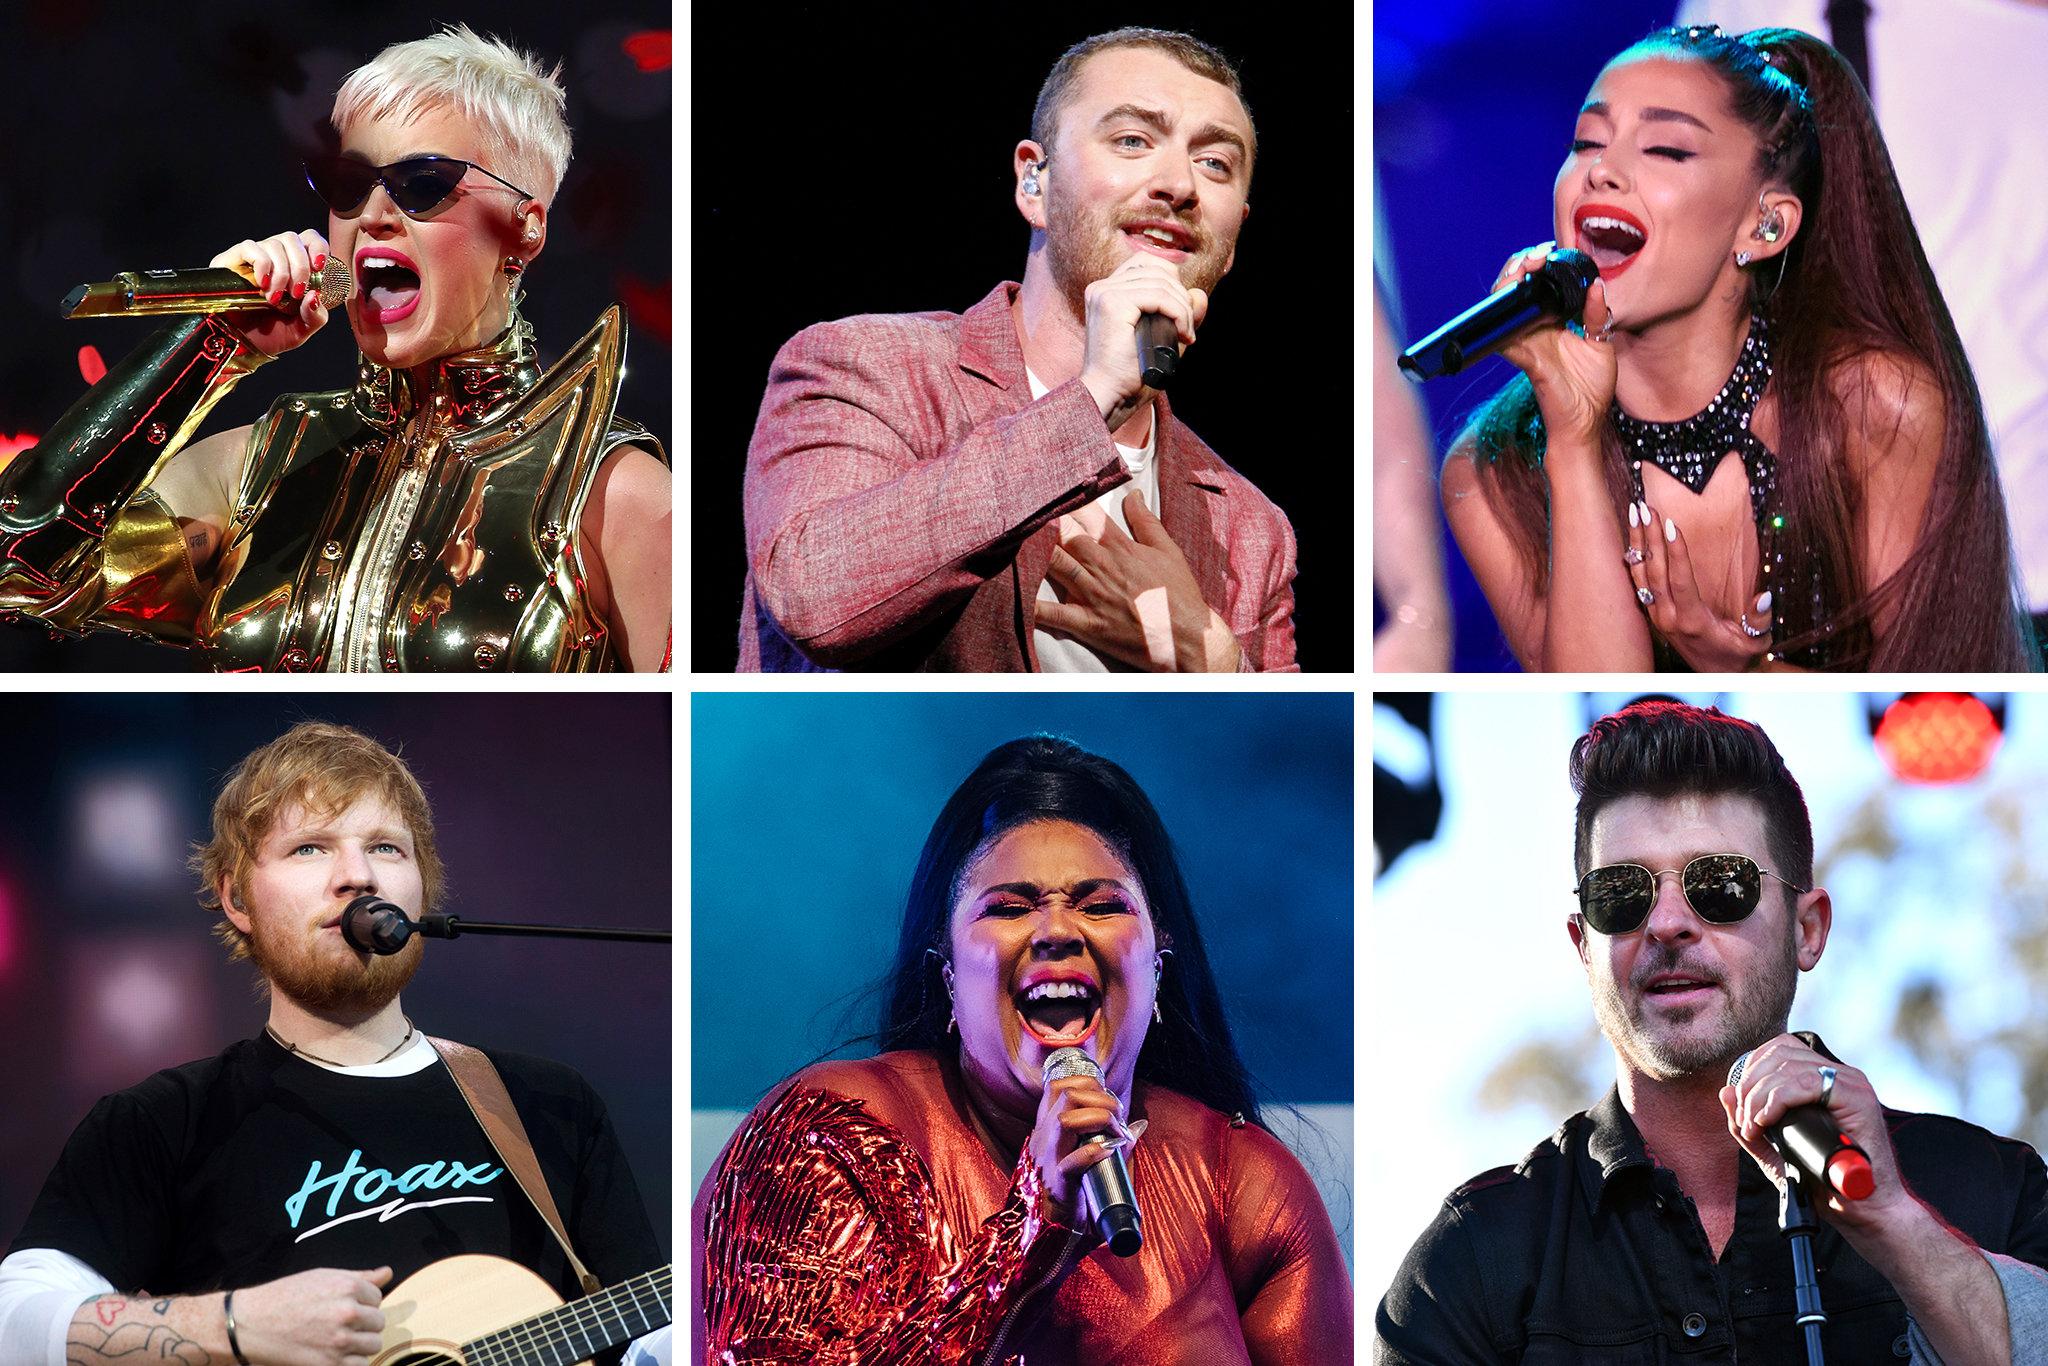 PHÂN BIỆT 6 THỂ LOẠI NHẠC POP, DANCE, ROCK, COUNTRY, BLUES, R&B